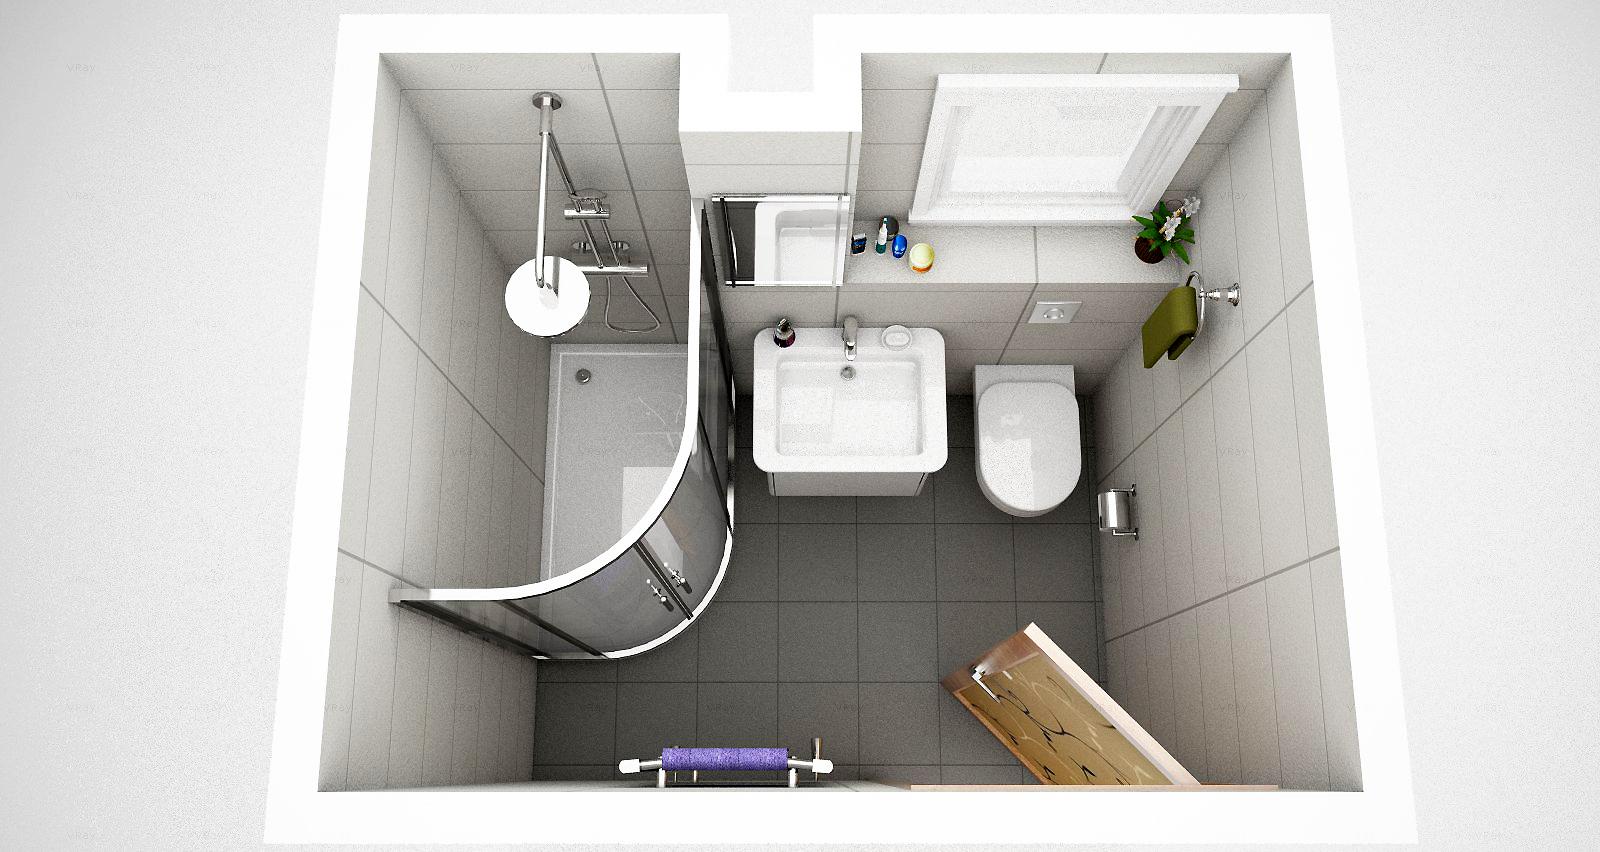 Comment am nager une petite salle de bain dar d co d coration int rieure maison tunisie for Plan pour amenager une petite salle de bain